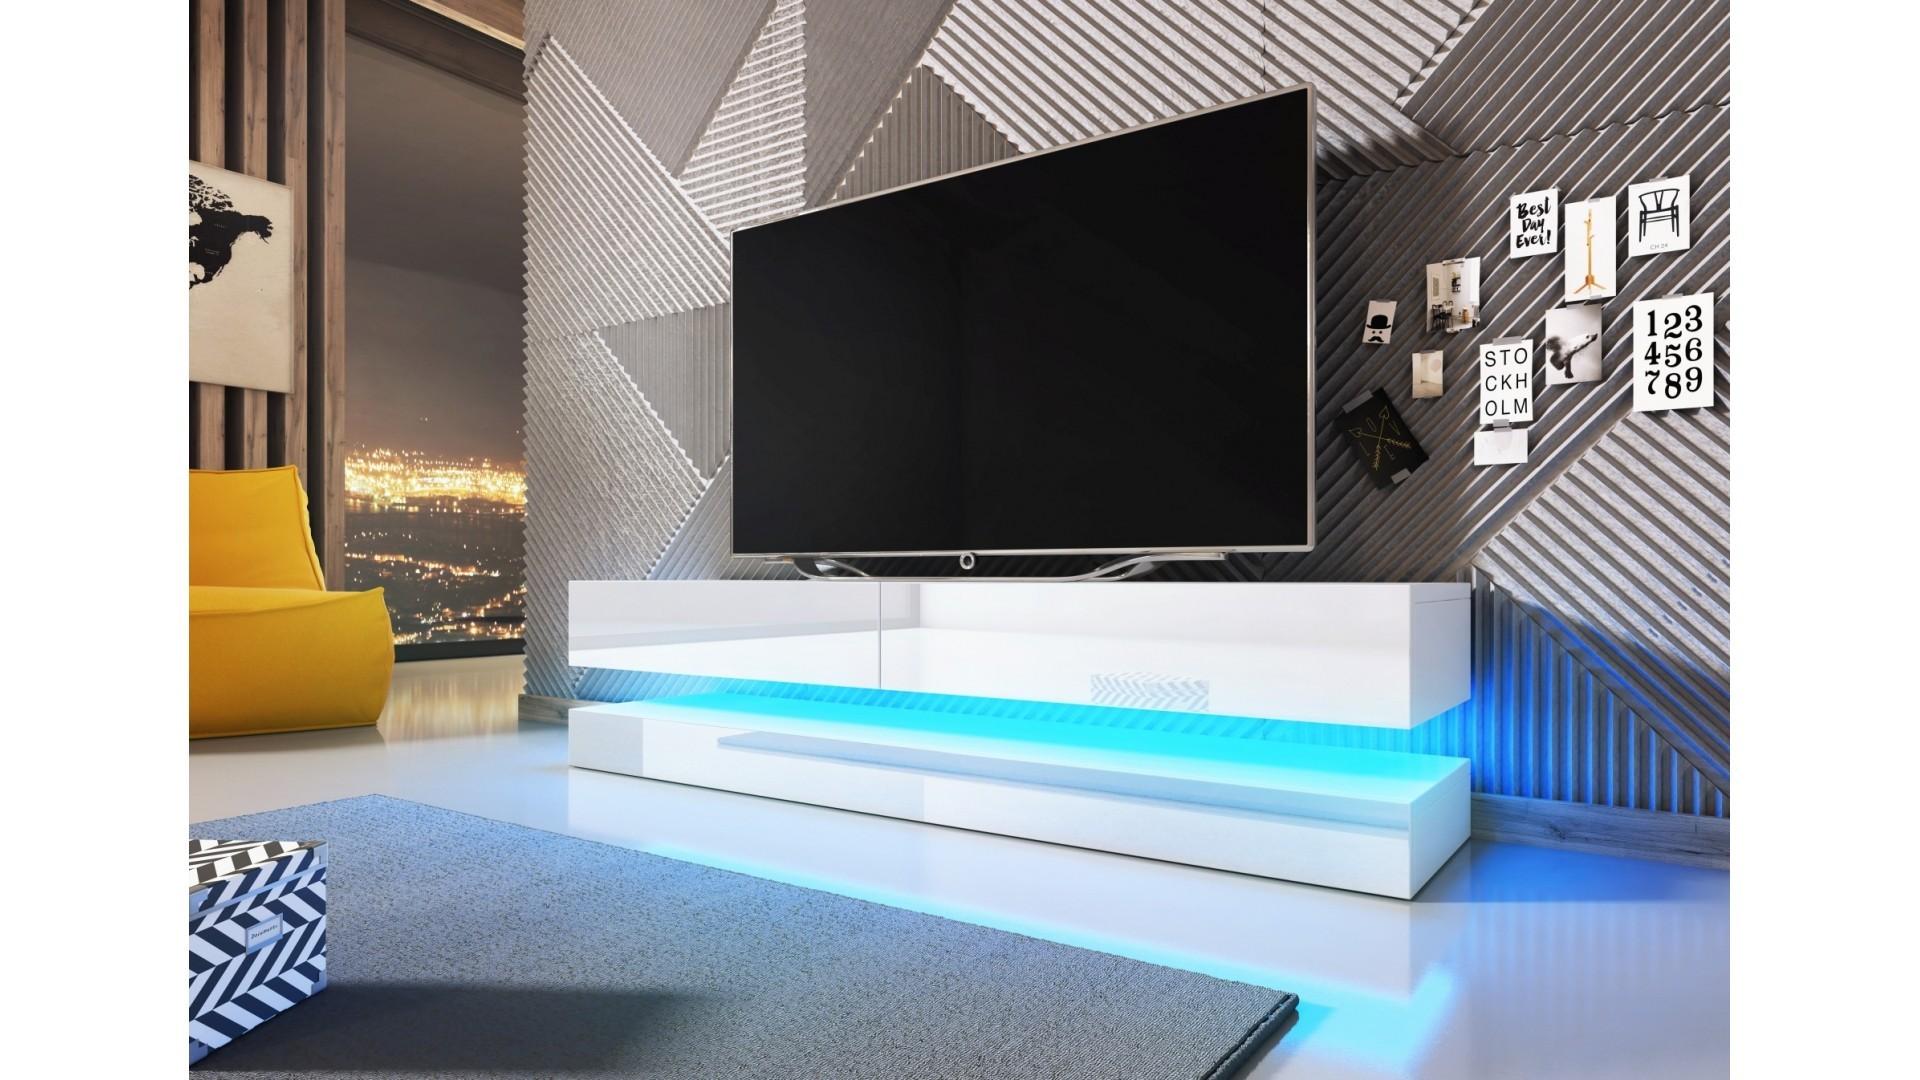 Plafoniere Moderne Cu Led : Comoda moderna comode moderne mobilier modern mobila